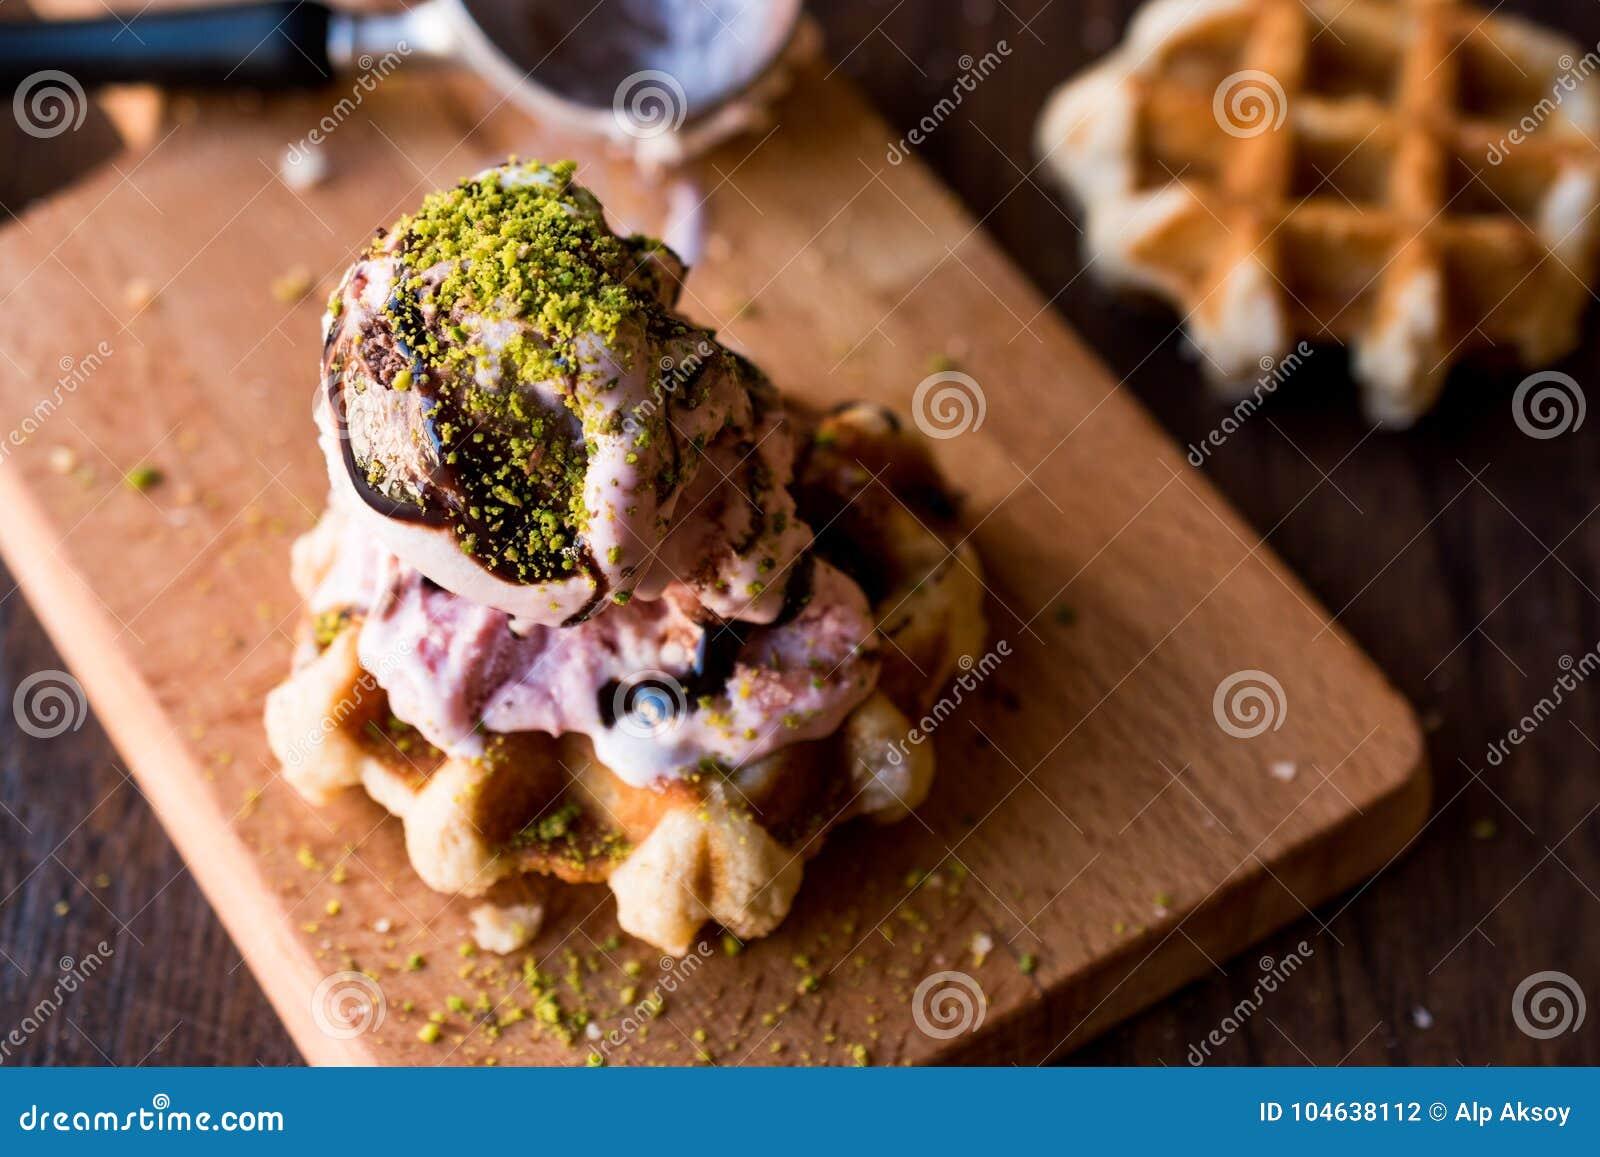 Download De Wafel Van België Met Roomijs Op Houten Oppervlakte Stock Foto - Afbeelding bestaande uit stroop, ontbijt: 104638112